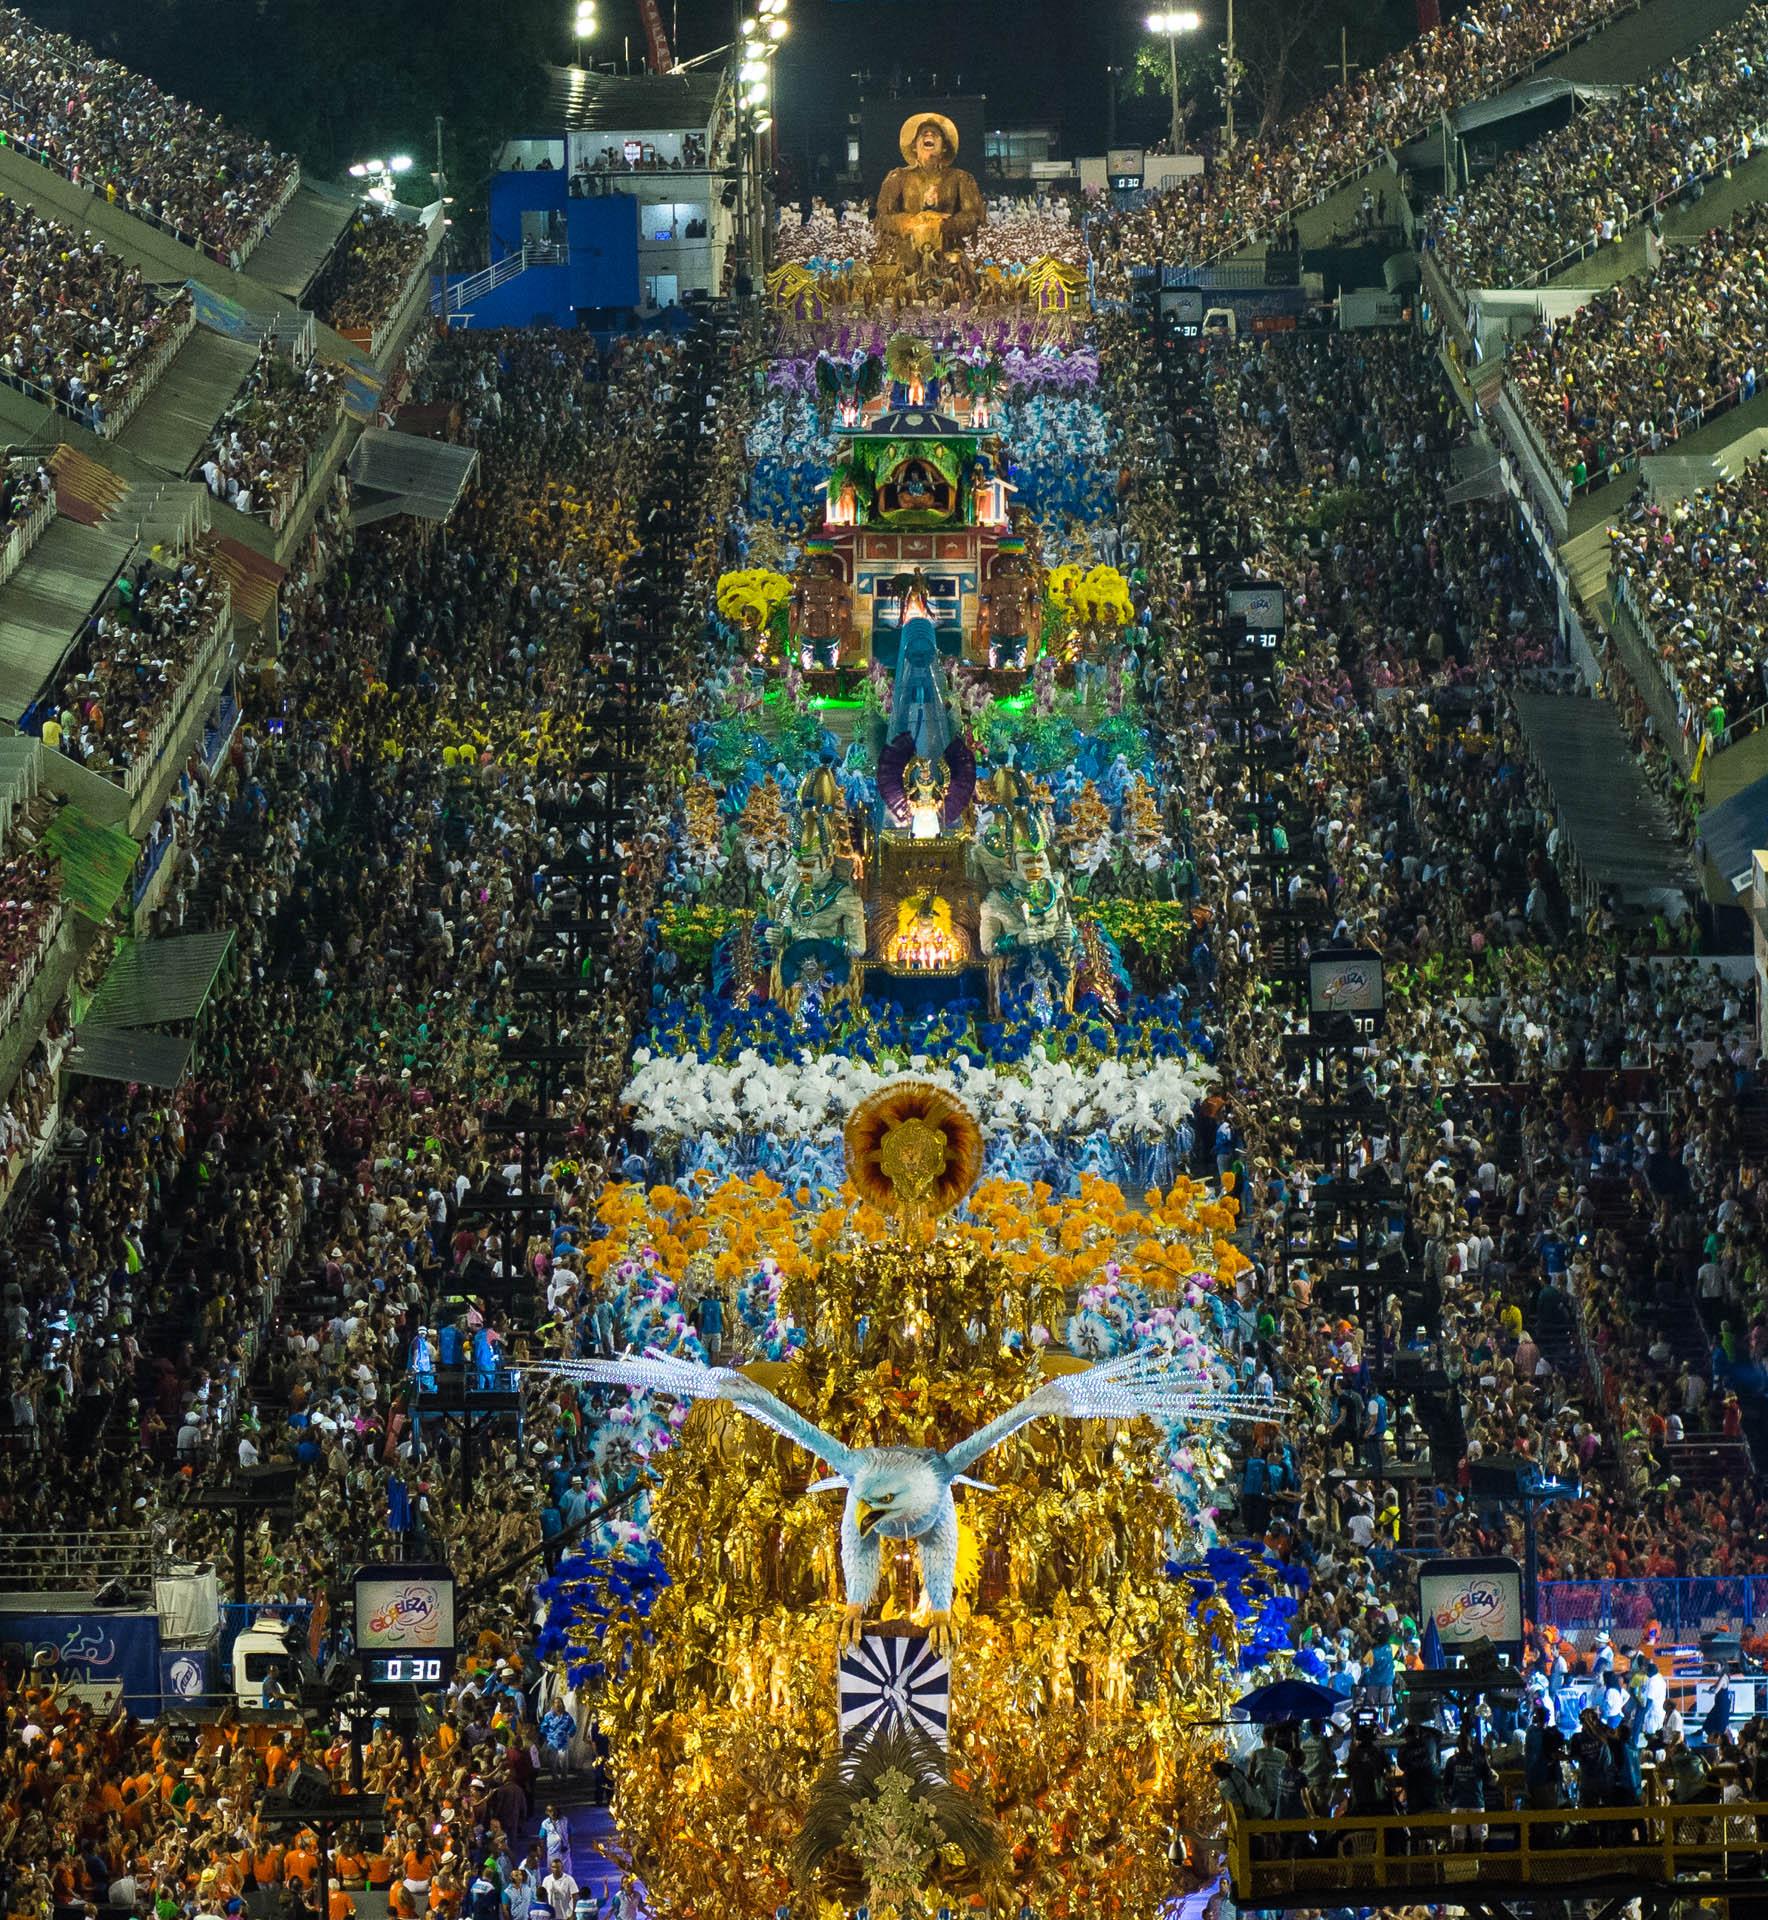 27/02/2017. Carnaval 2017. Projeto: Arcos da Apoteose. Grupo Esp